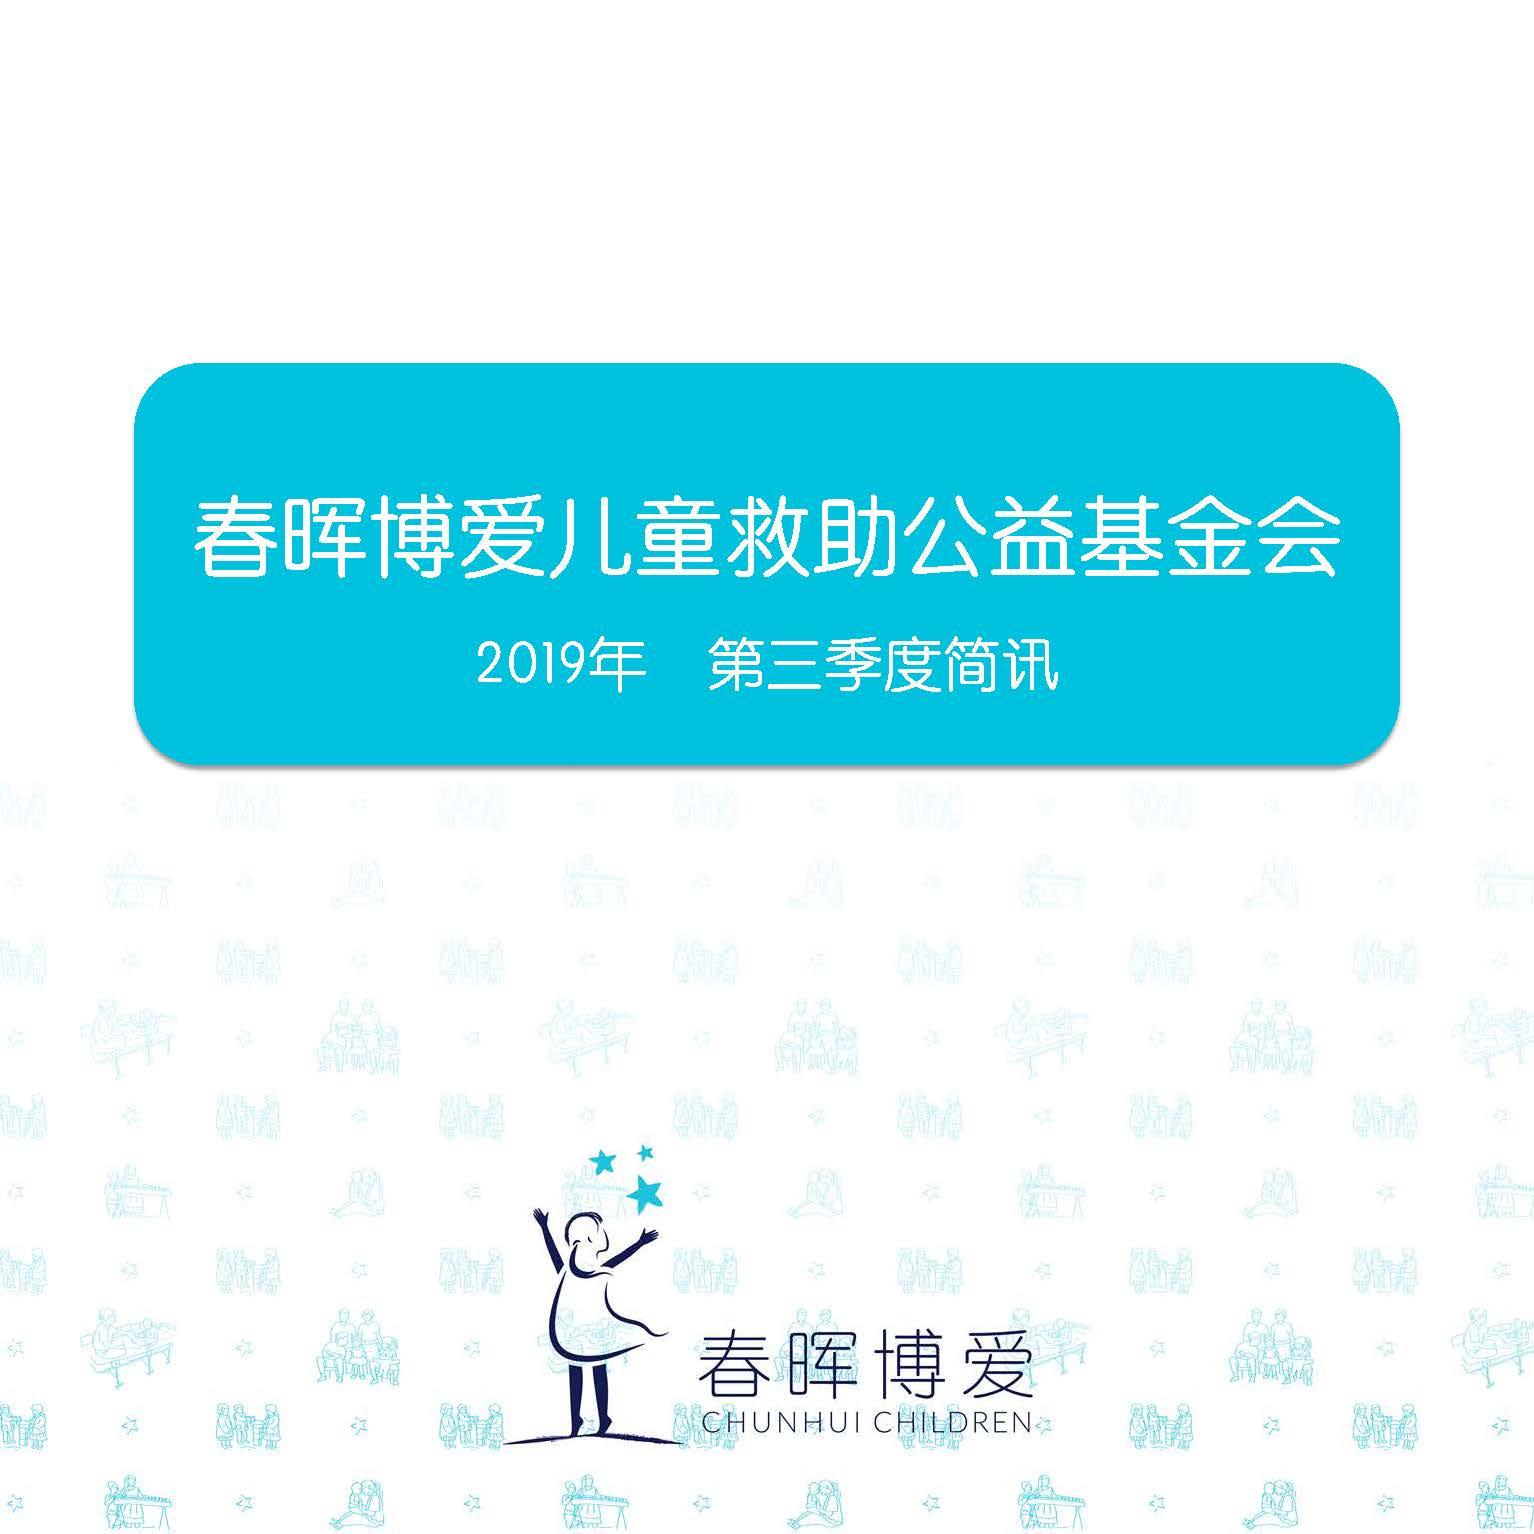 第三季度简讯(20191106-VF)_页面_01.jpg